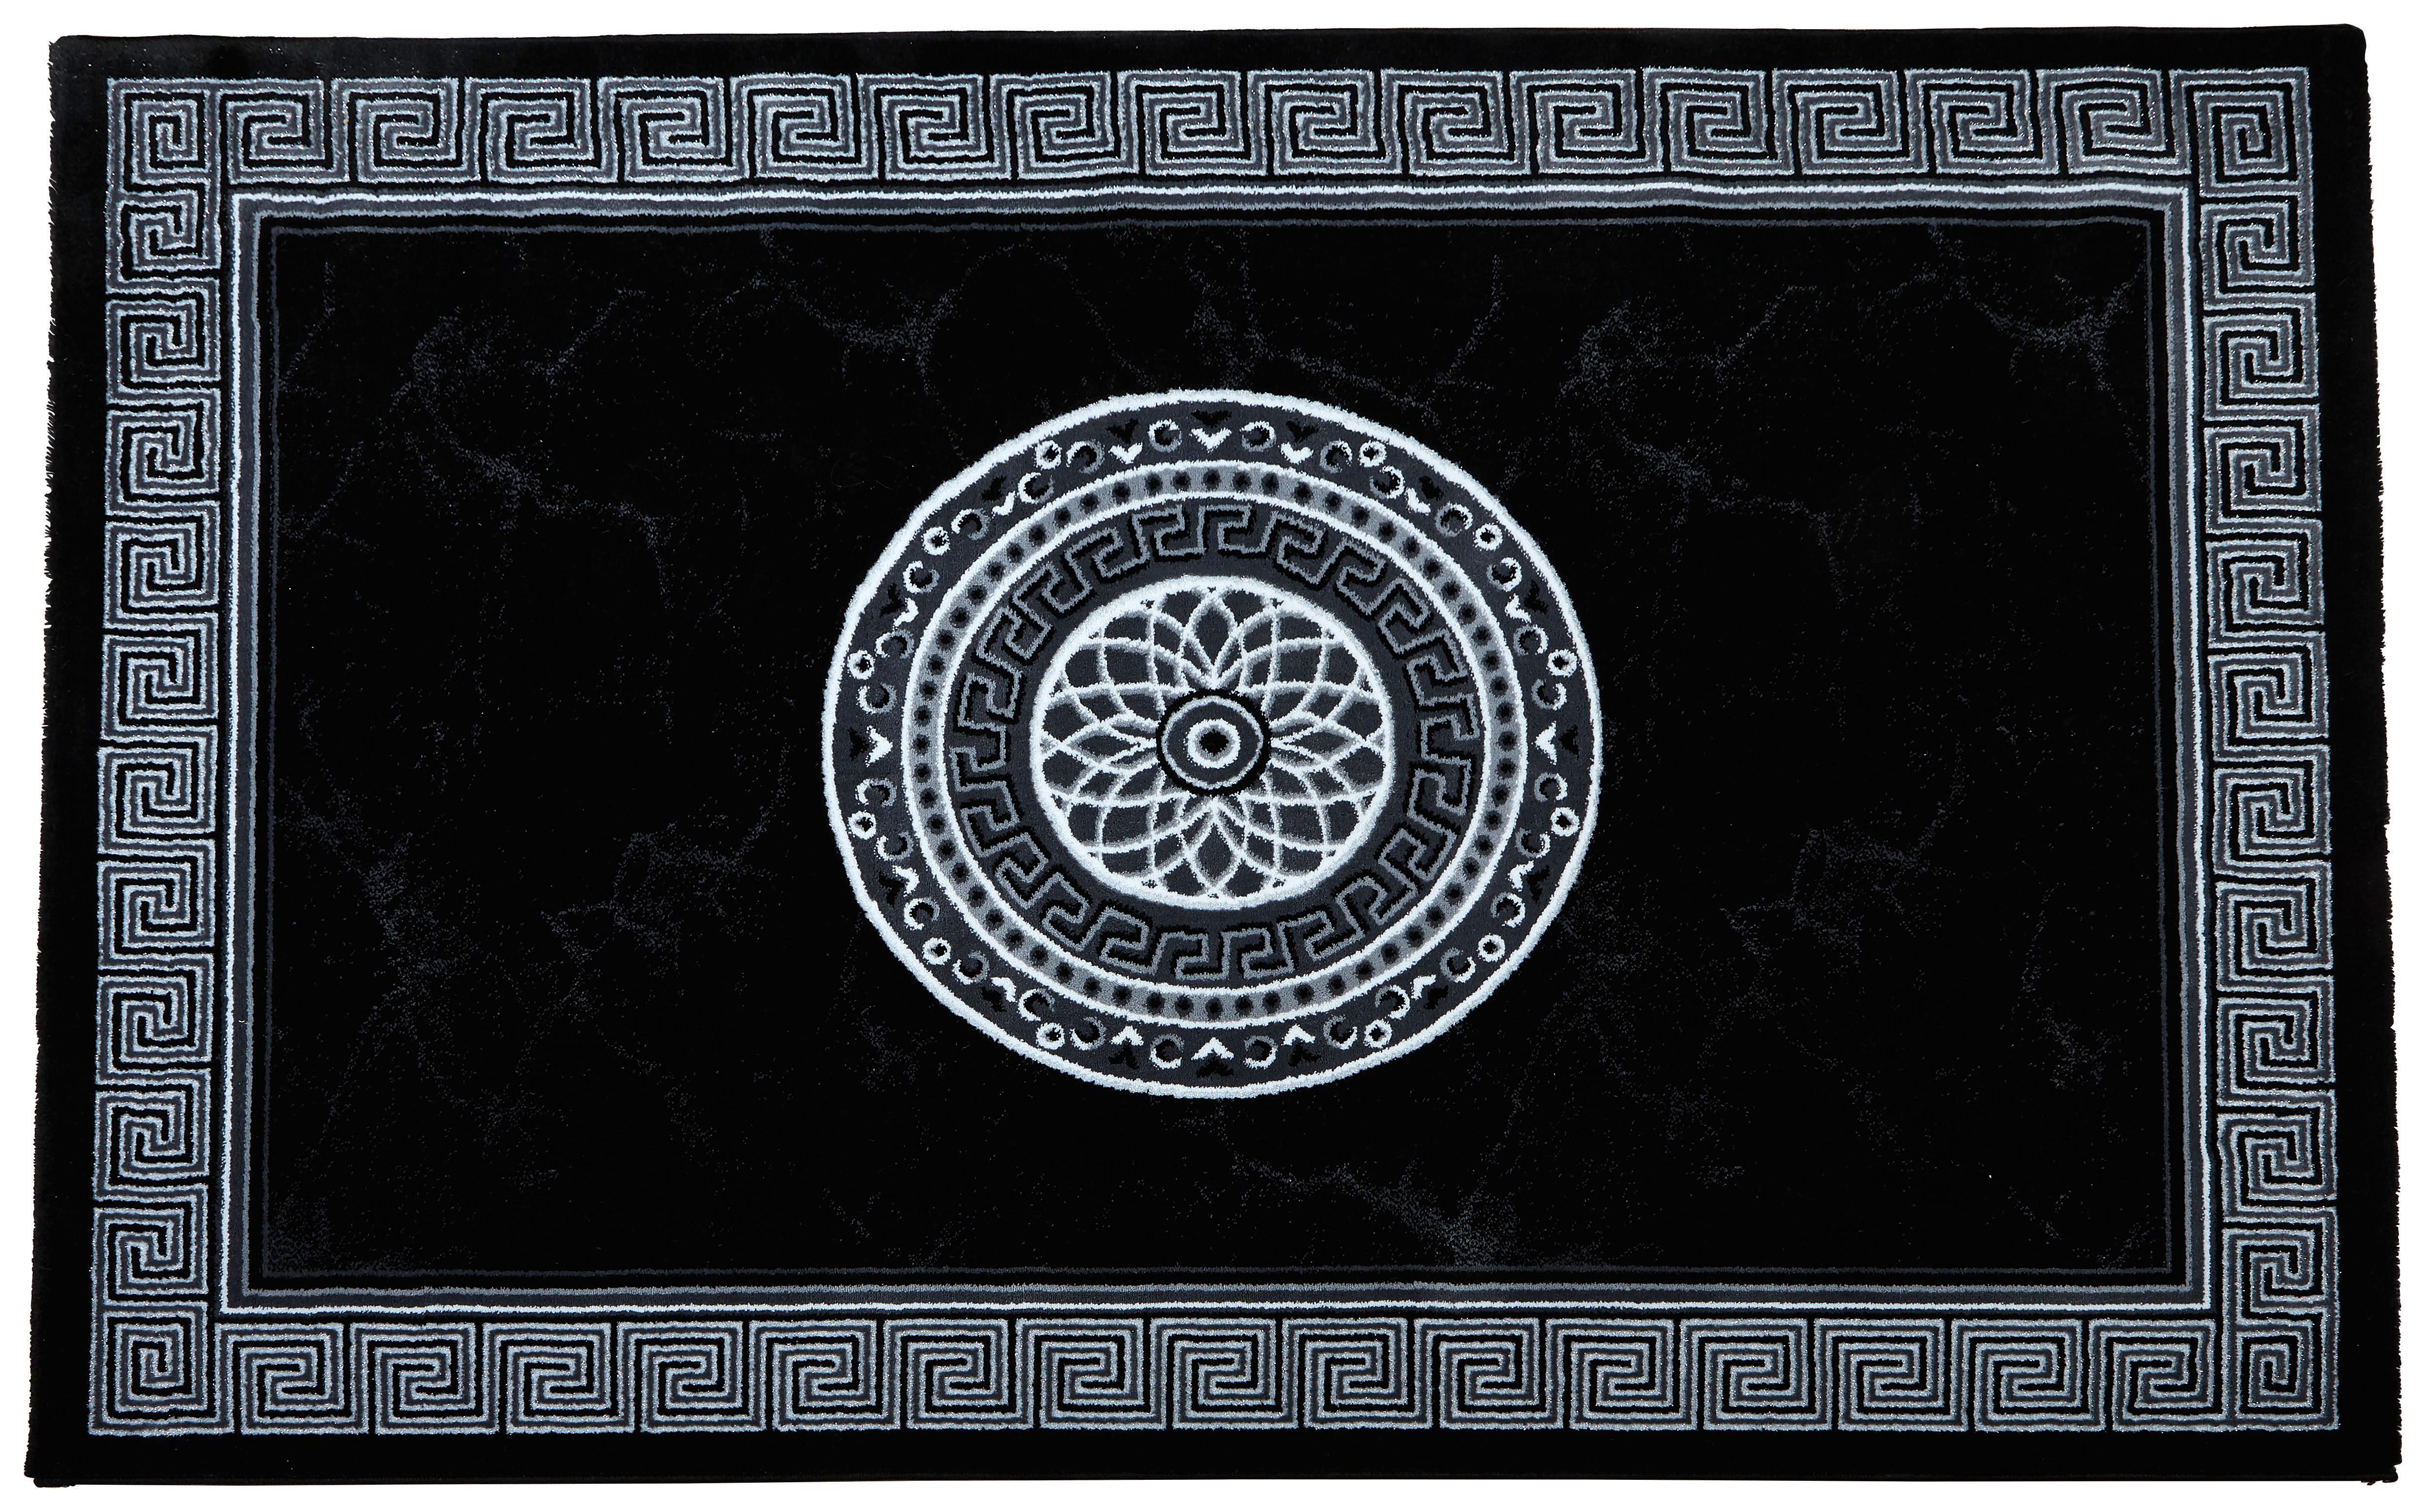 Szőnyeg Daryl - fekete/fehér, konvencionális, textil (80/150cm) - OMBRA